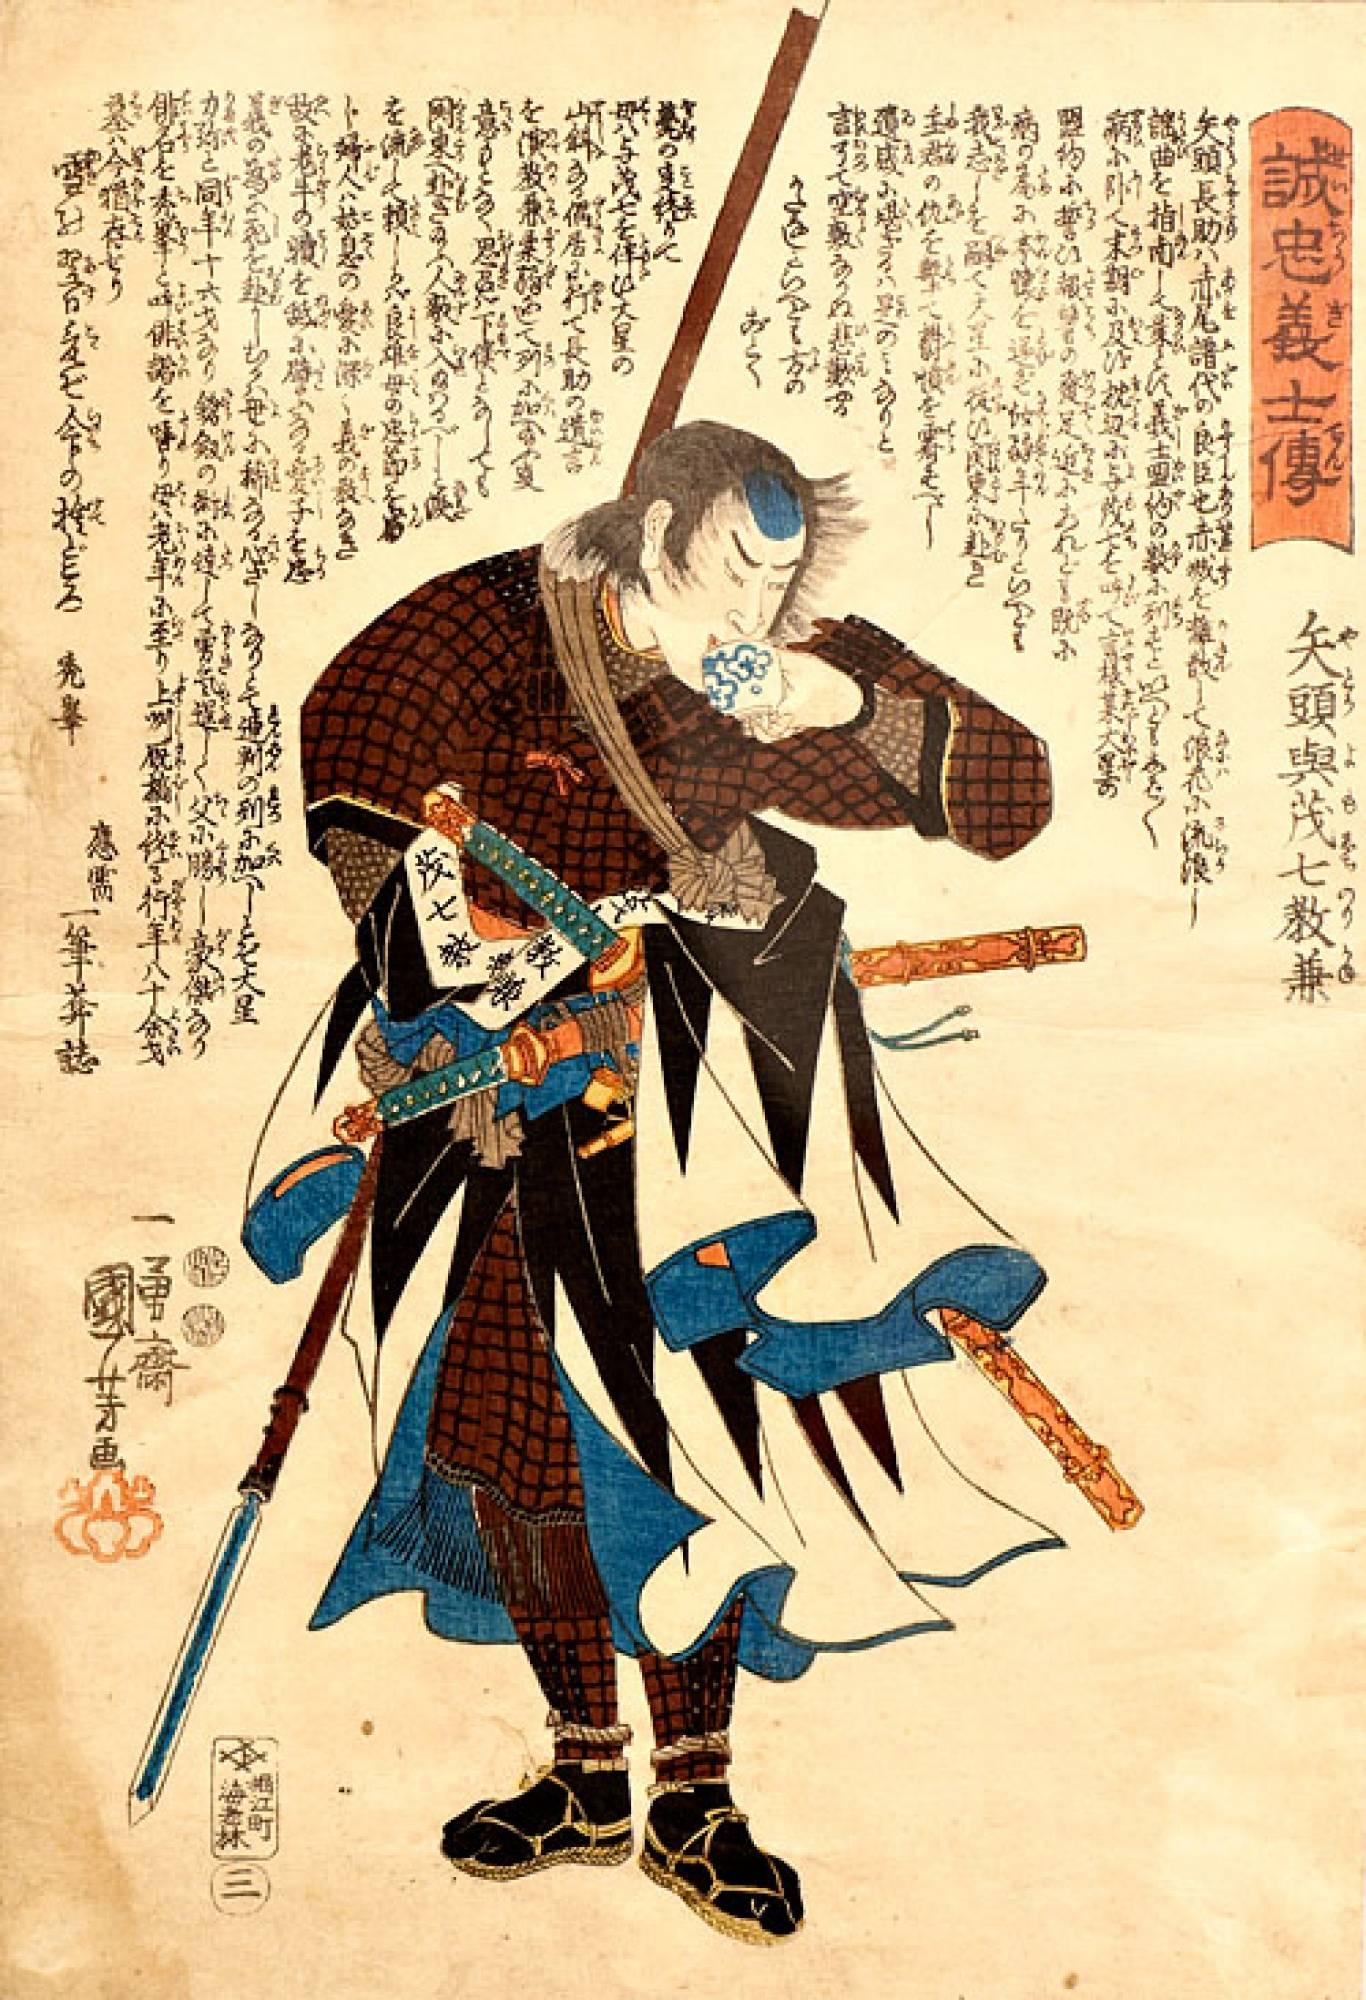 Виставка японських гравюр в Національному музеї мистецтв Б. та В.Ханенків